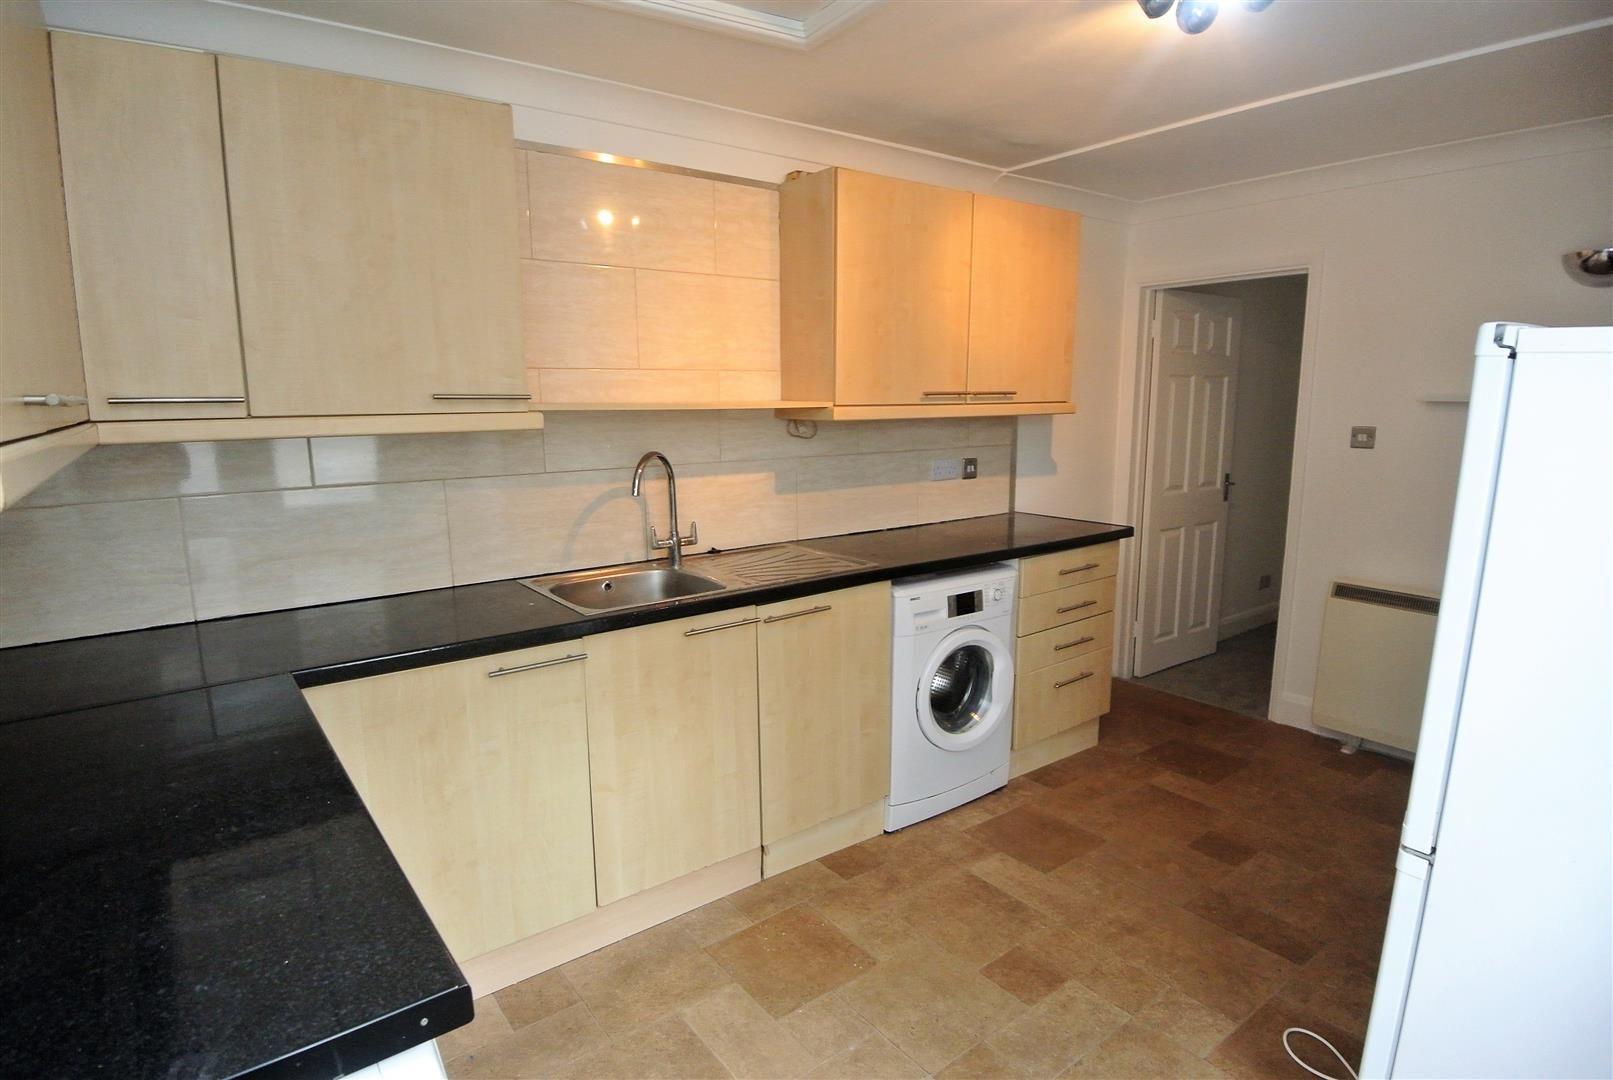 Property photo 1 of 5. Kitchen.Jpg